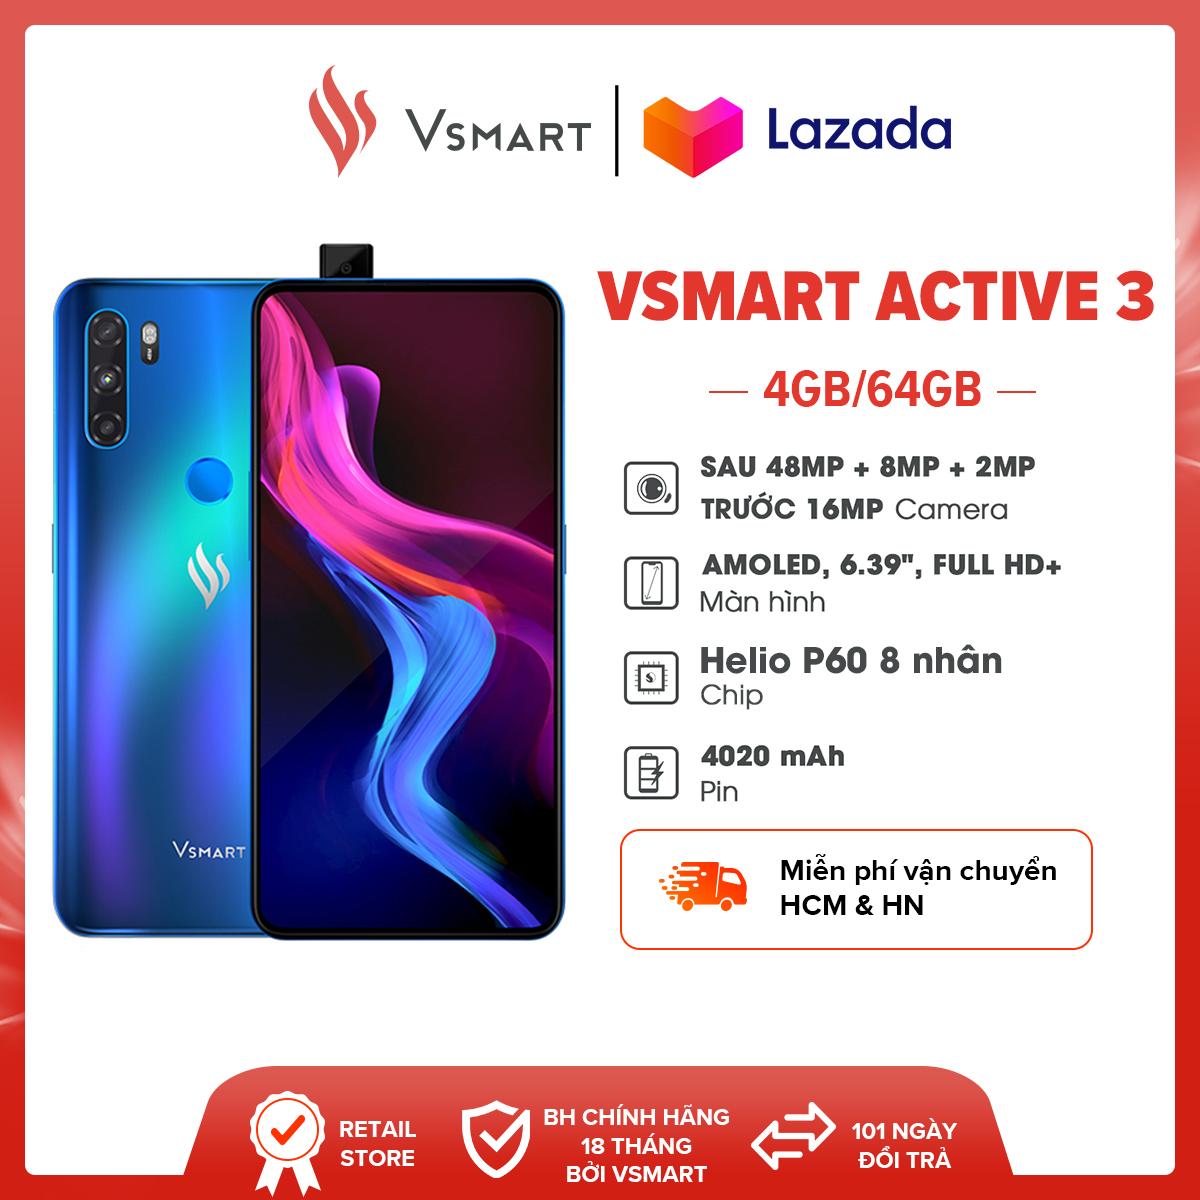 """Điện Thoại Vsmart Active 3 (4GB/64GB) - Màn hình AMOLED 6,39"""" Full HD+ Camera 48MP Chip Helio P60 8 nhân Pin trâu 4,020mAH"""